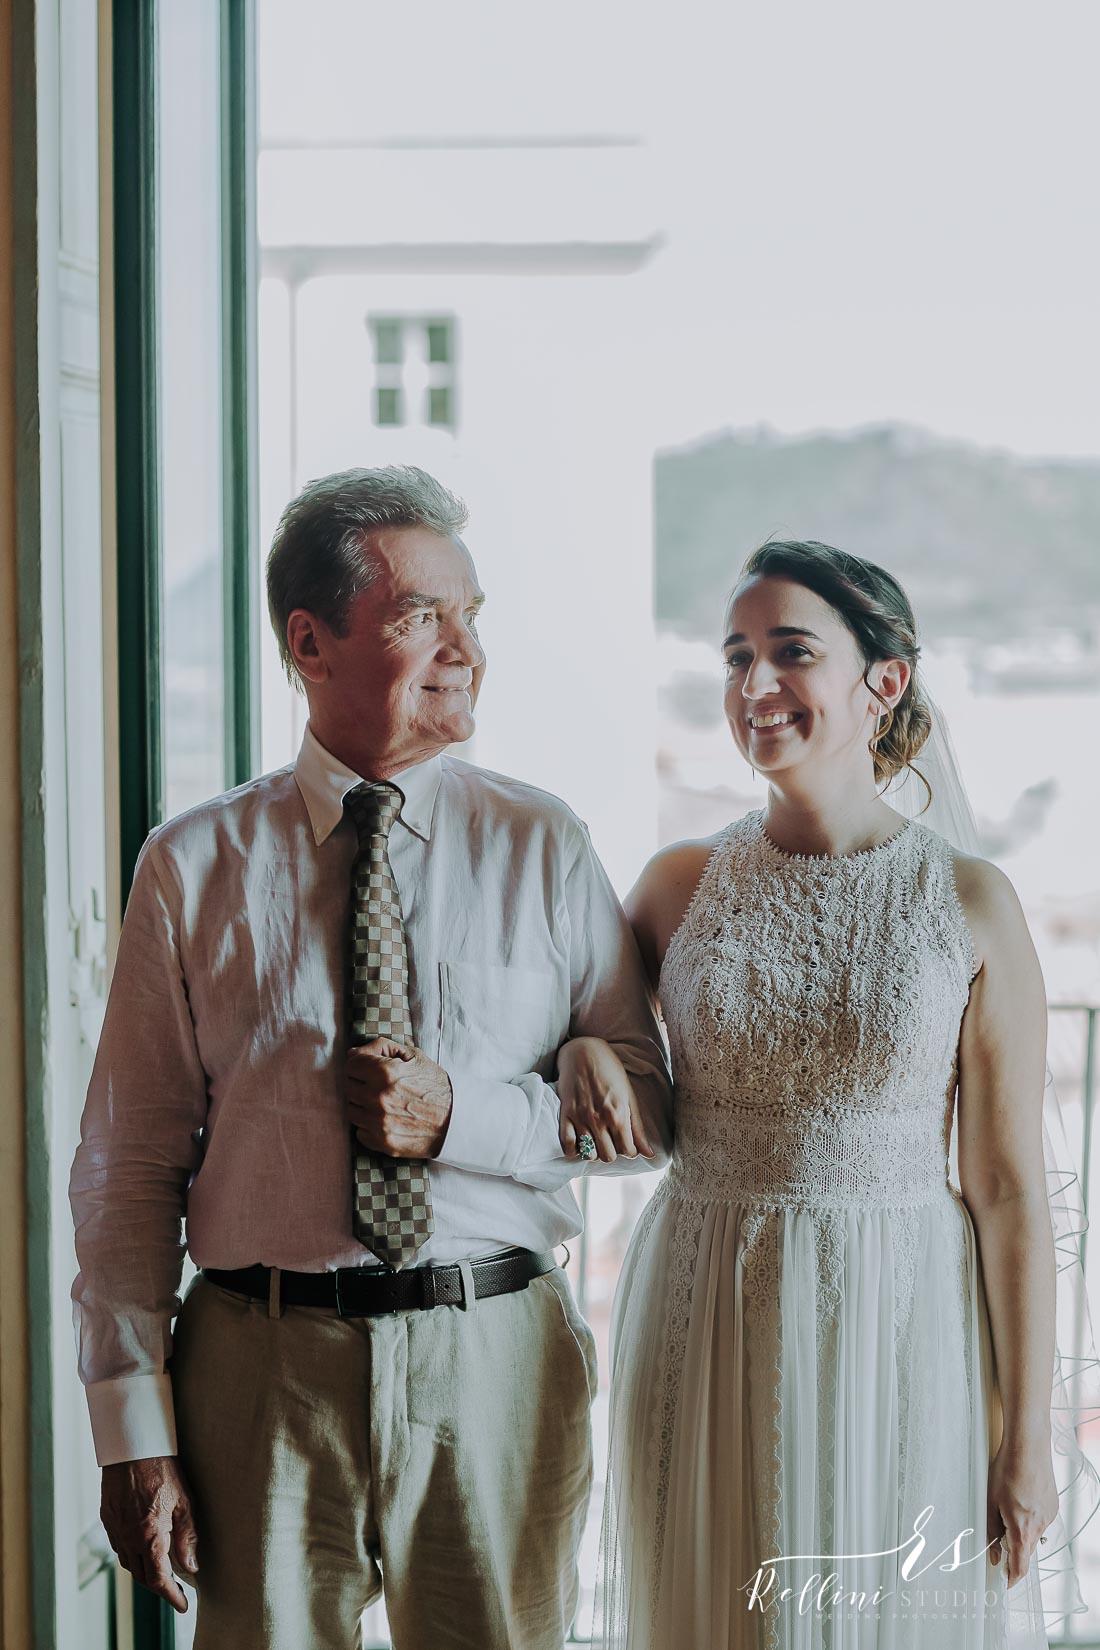 matrimonio Castello di Arechi Salerno 050.jpg